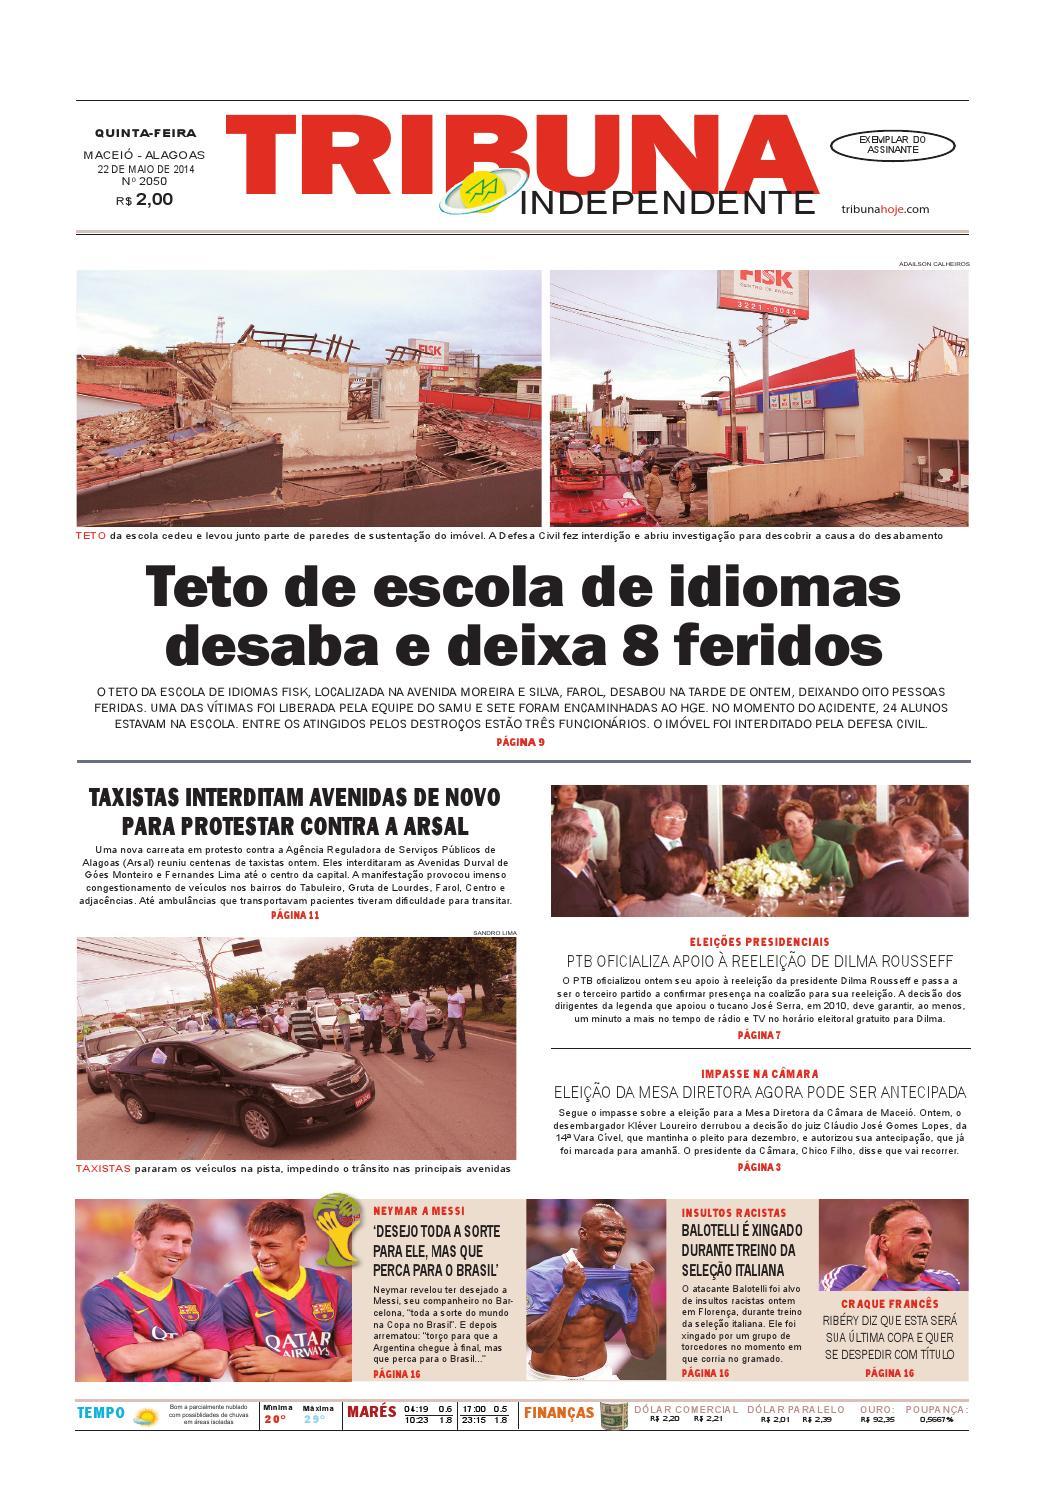 ed1a8be882969 Edição número 2050 - 22 de maio de 2014 by Tribuna Hoje - issuu